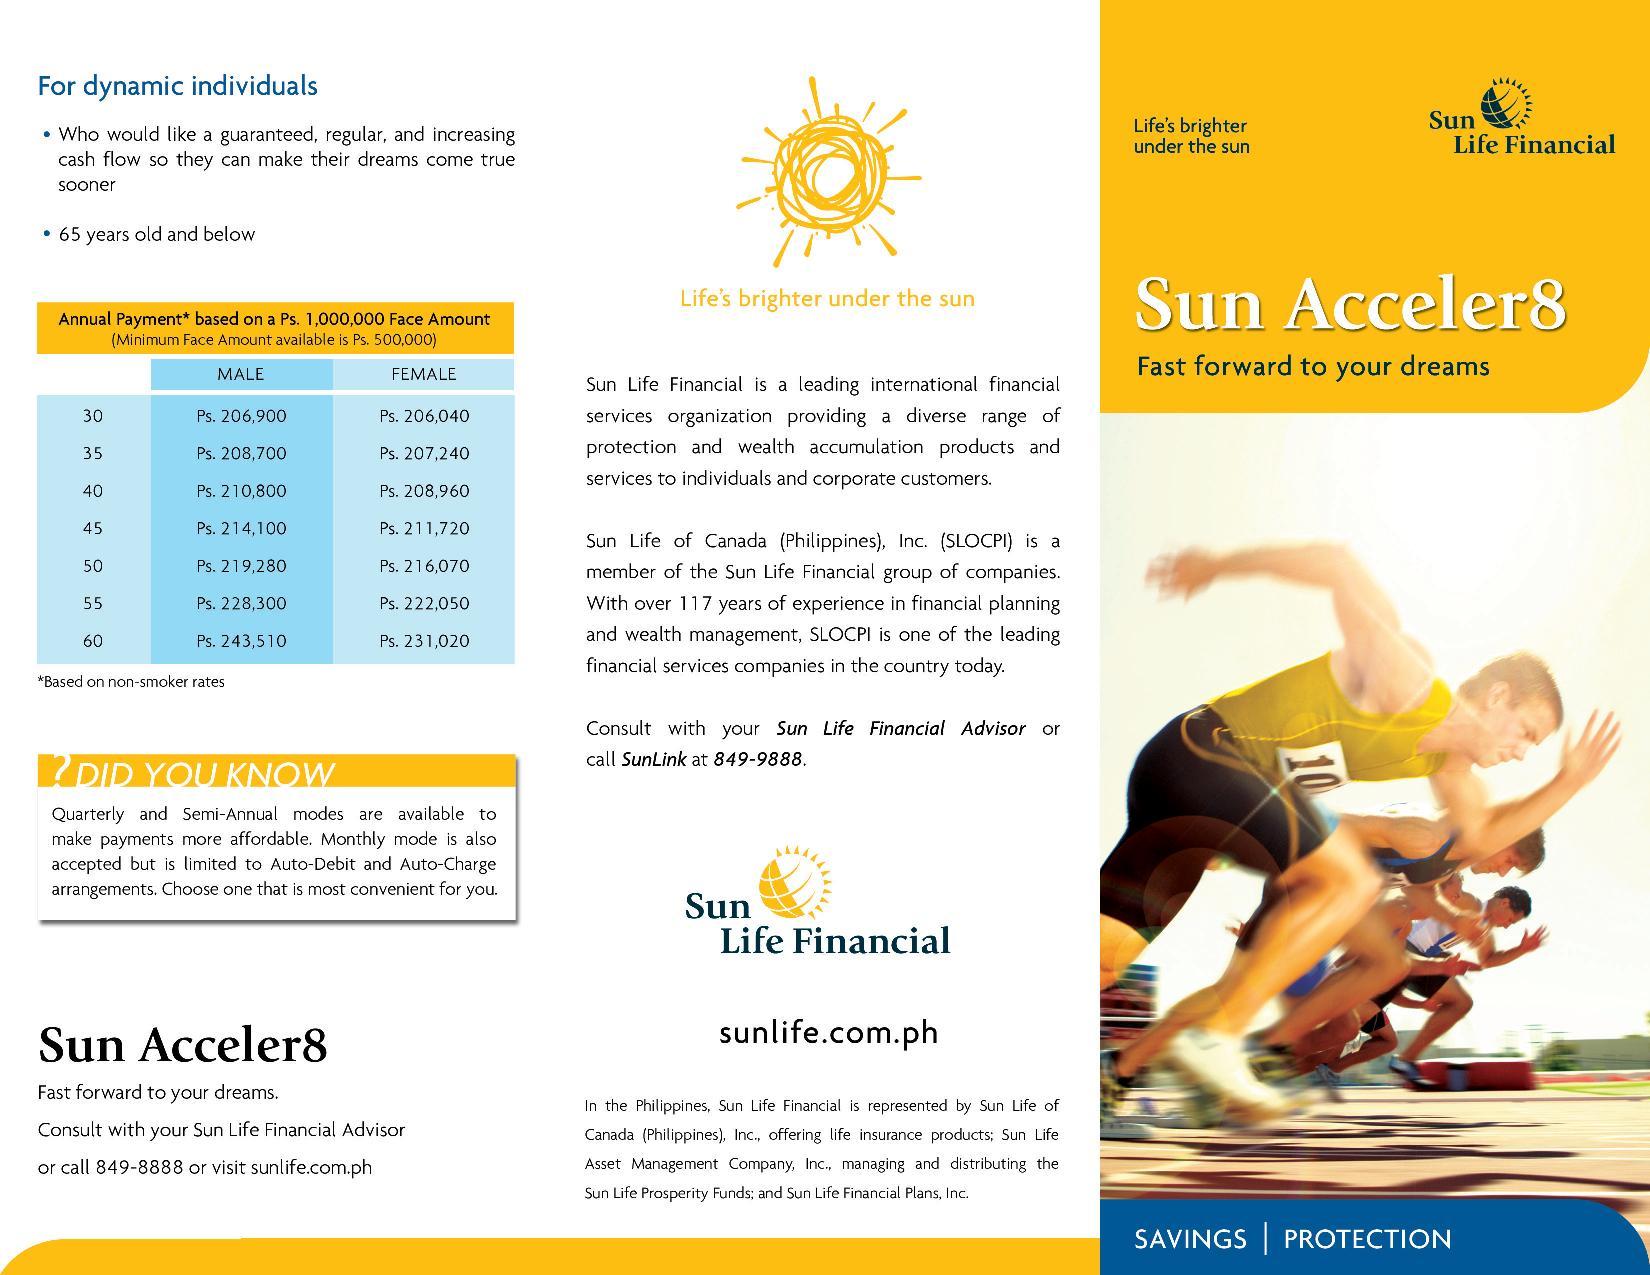 Sun Acceler8